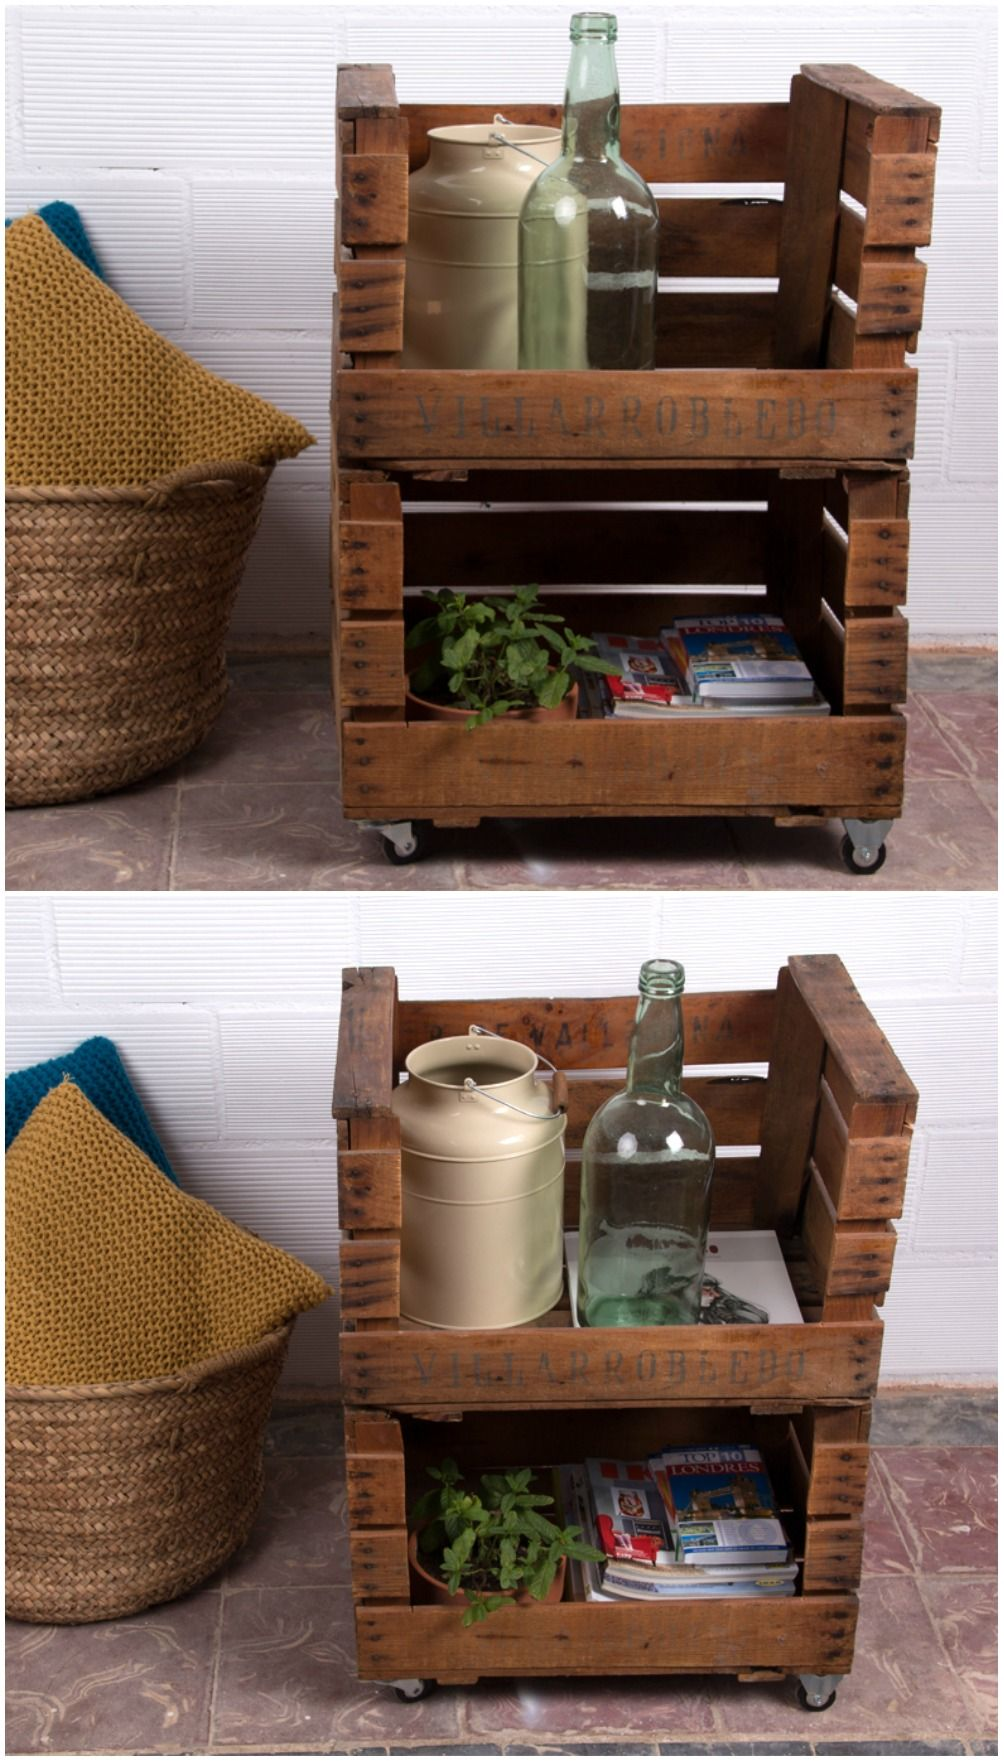 Estanter a con cajas de fruta cajas de fruta antiguas - Estanterias con cajas de fruta ...